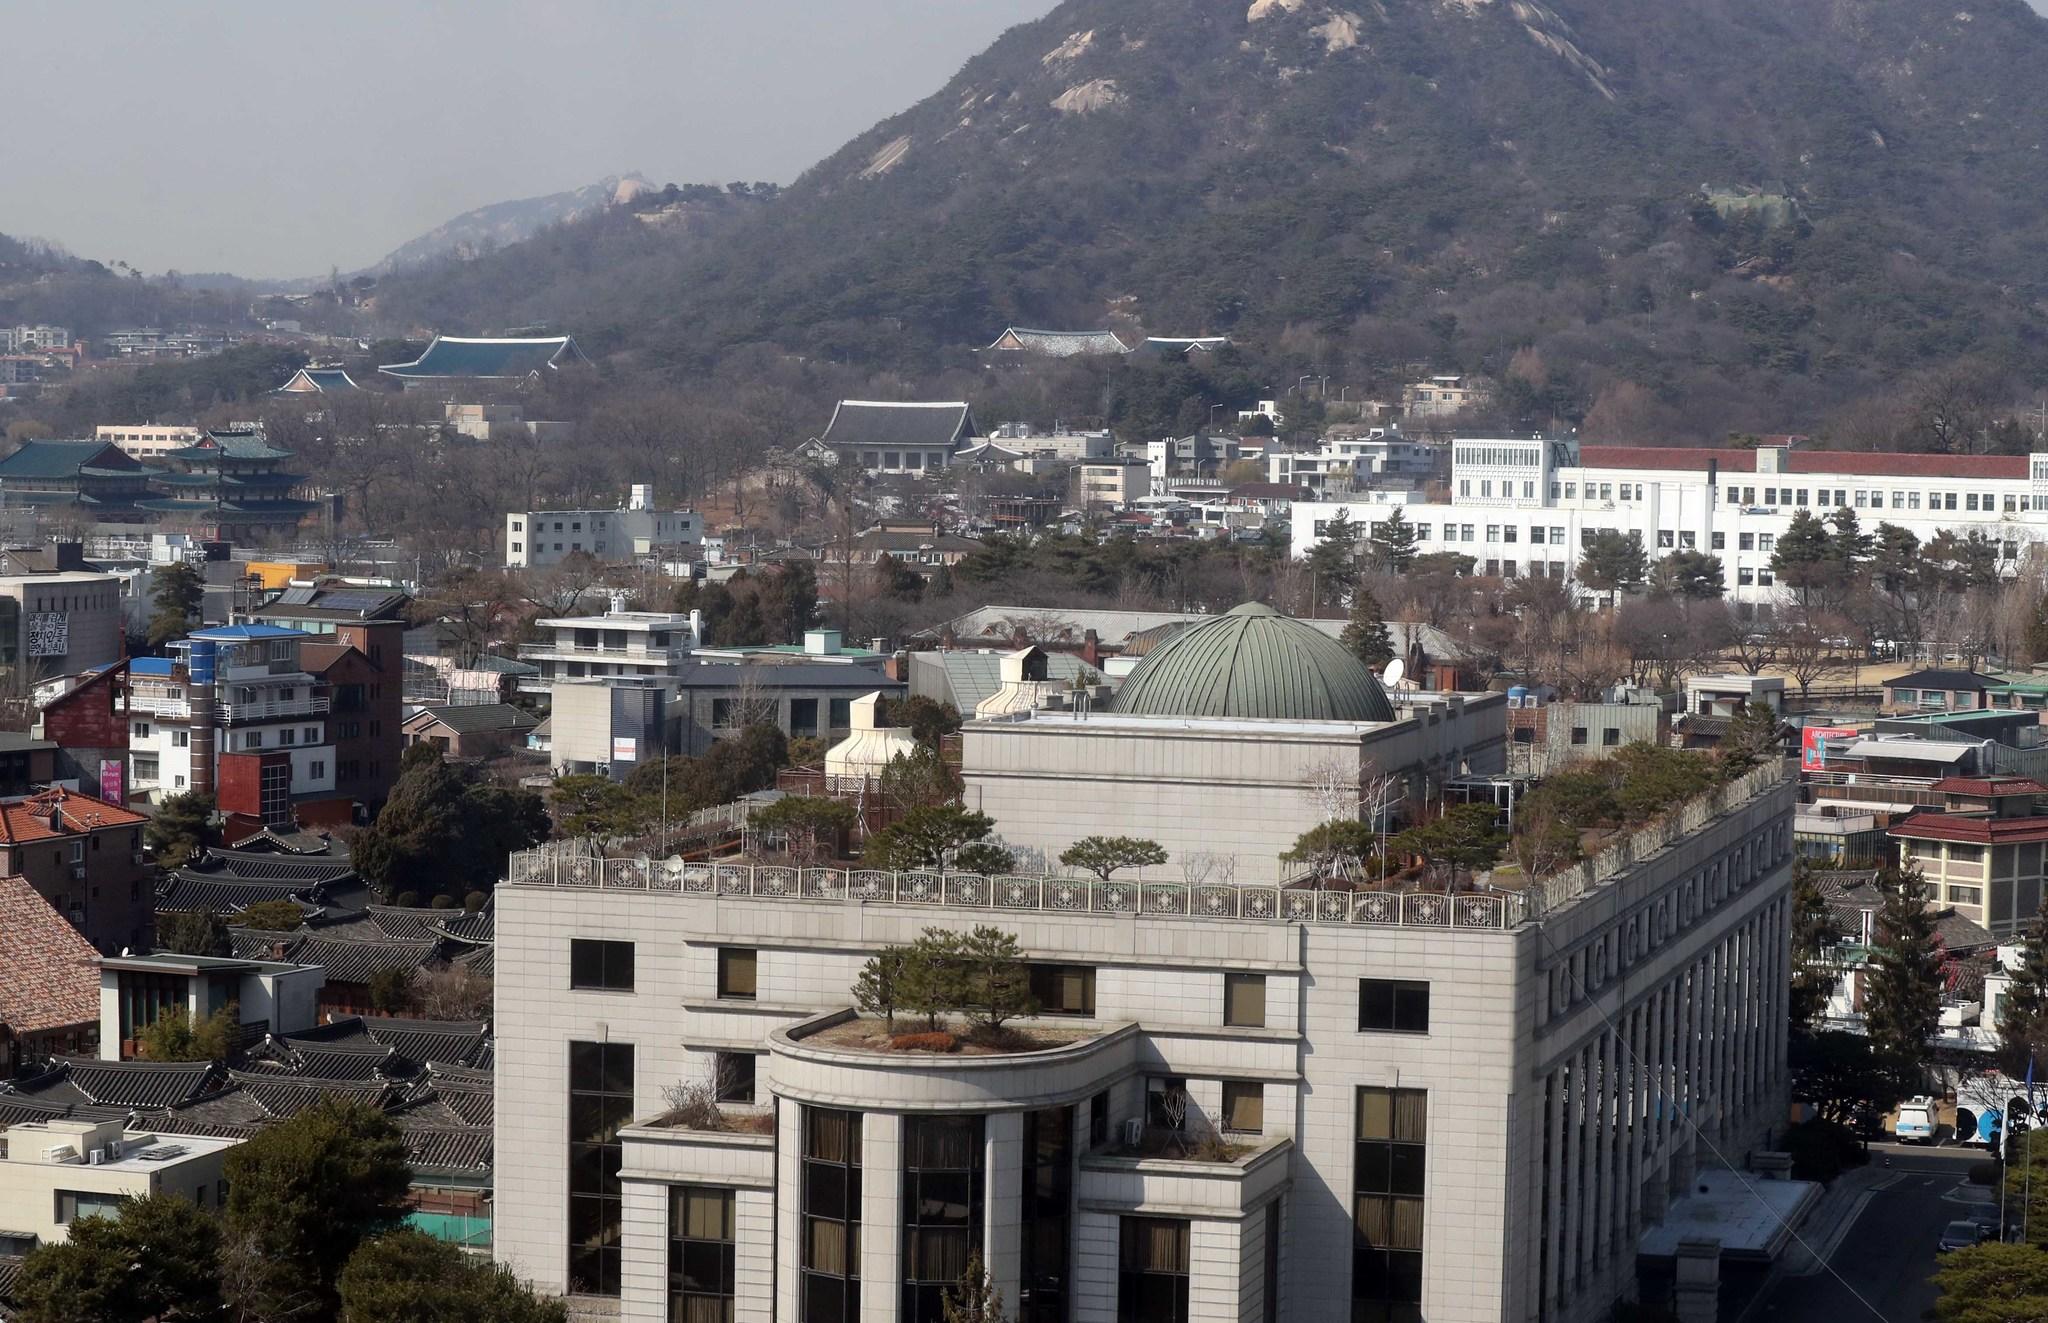 헌법재판소의 탄핵심판 선고가 임박한 가운데 주말인 지난 4일 서울 대한문앞과 광화문 광장에서는 탄핵반대와 탄핵가결을 외치는 군중집회가 연이어 열렸다. 이날 헌법재판소 뒤로 박근혜 대통령이 머물고 있는 청와대가 보인다. 김상선 기자